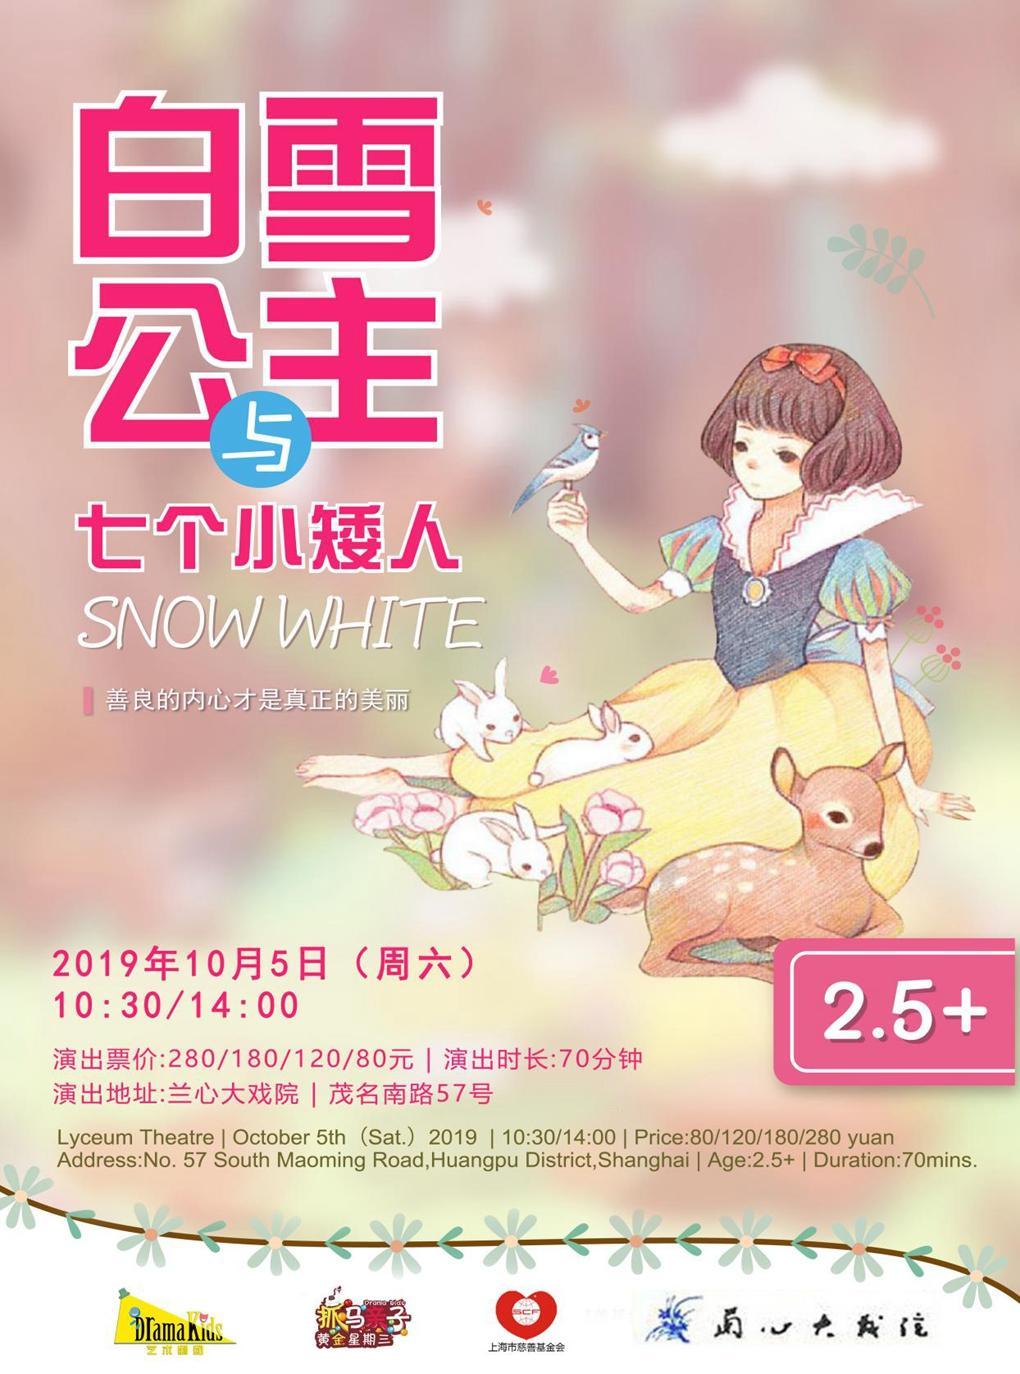 儿童剧《白雪公主与七个小矮人》